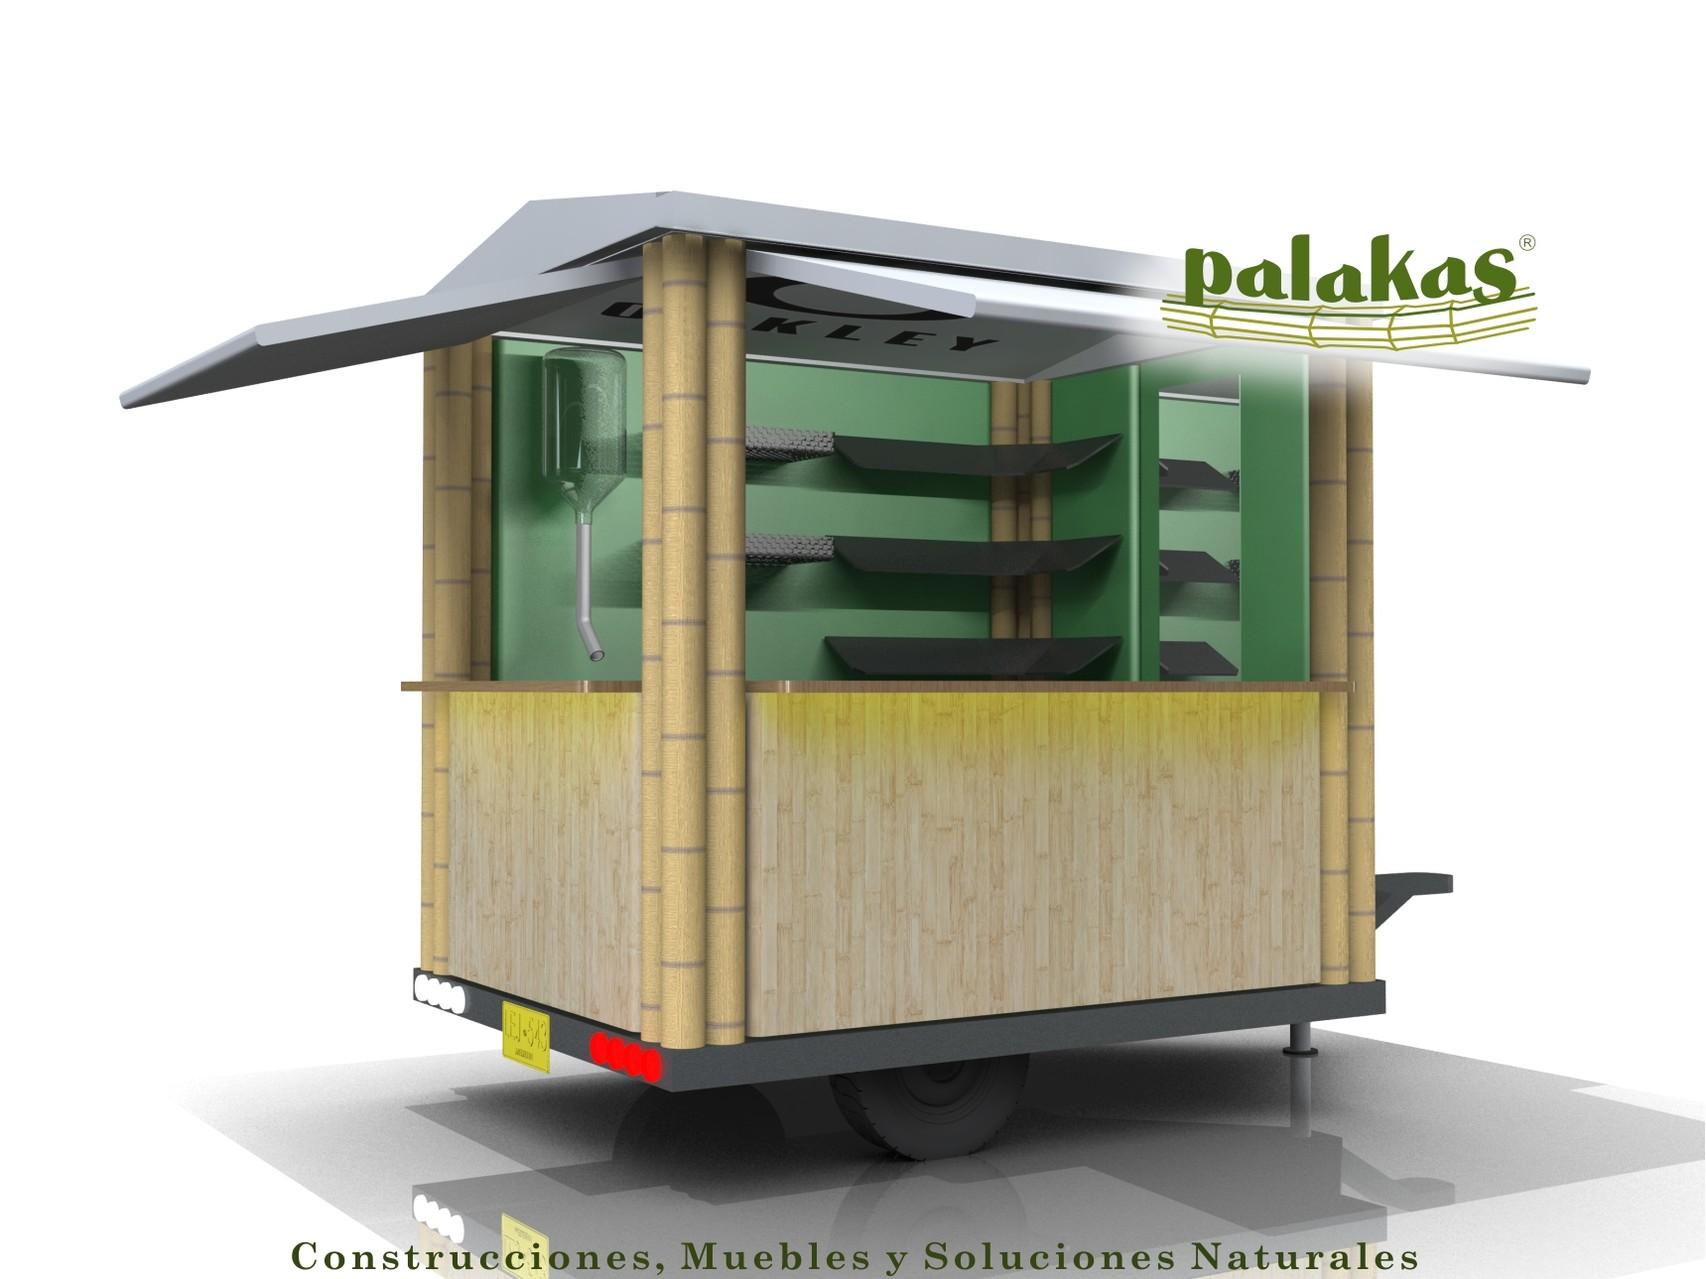 Trailer Palakas